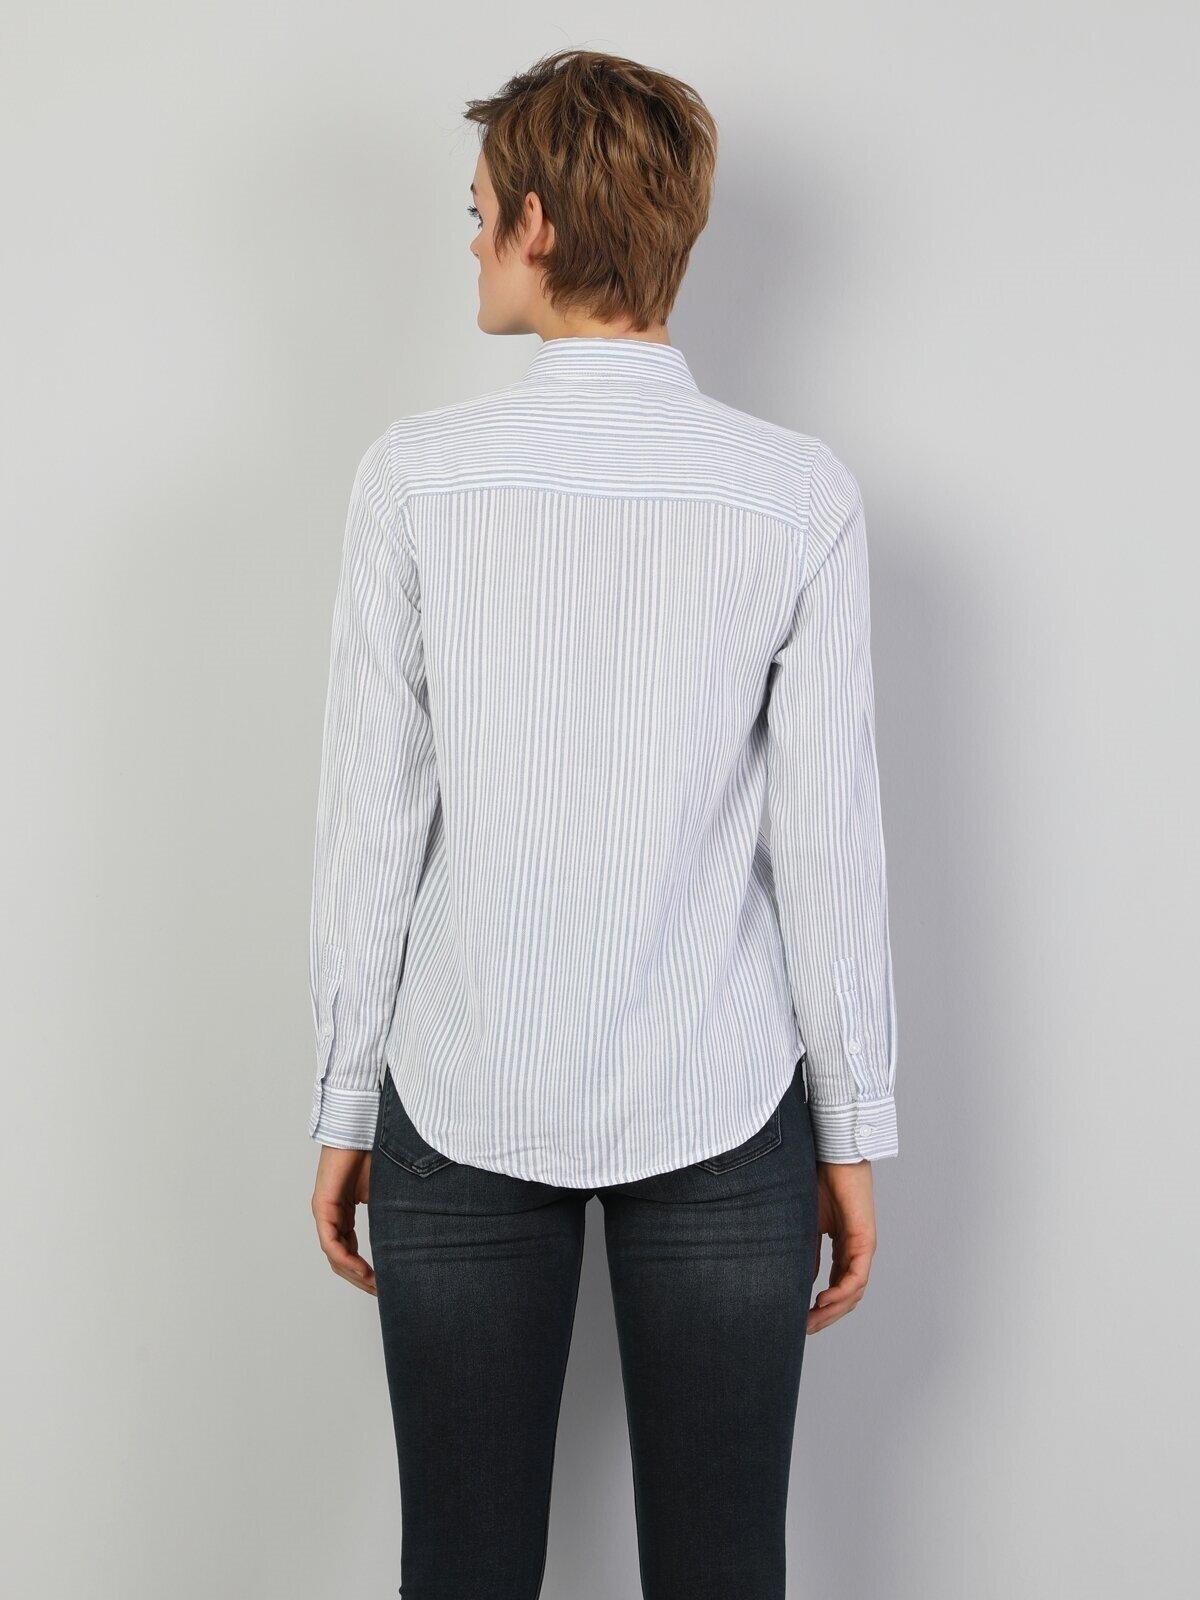 Slim Fit Shirt Neck Kadın Mavi Uzun Kol Gömlek